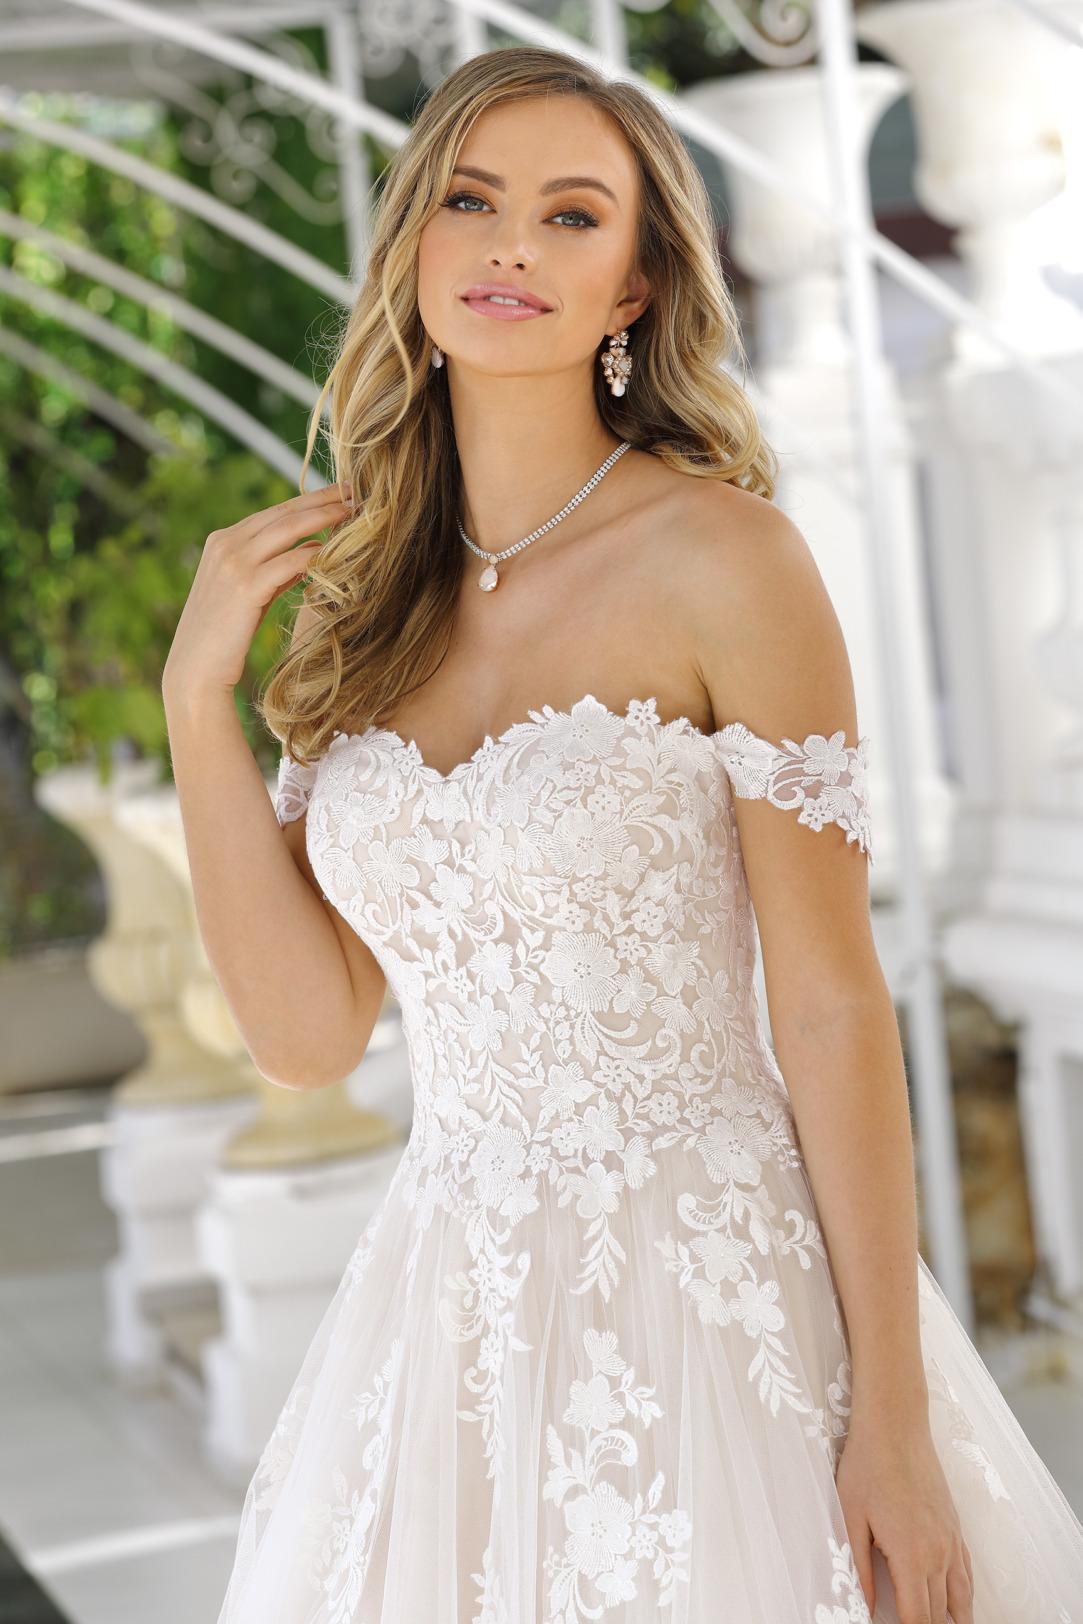 Brautkleider Hochzeitskleider Ladybird aufwendiger Prinzessinnenstil Stil Style Form Applikationen aus Spitze Herz Corsage lange Schleppe weiter Tüll Rock Nahaufnahme